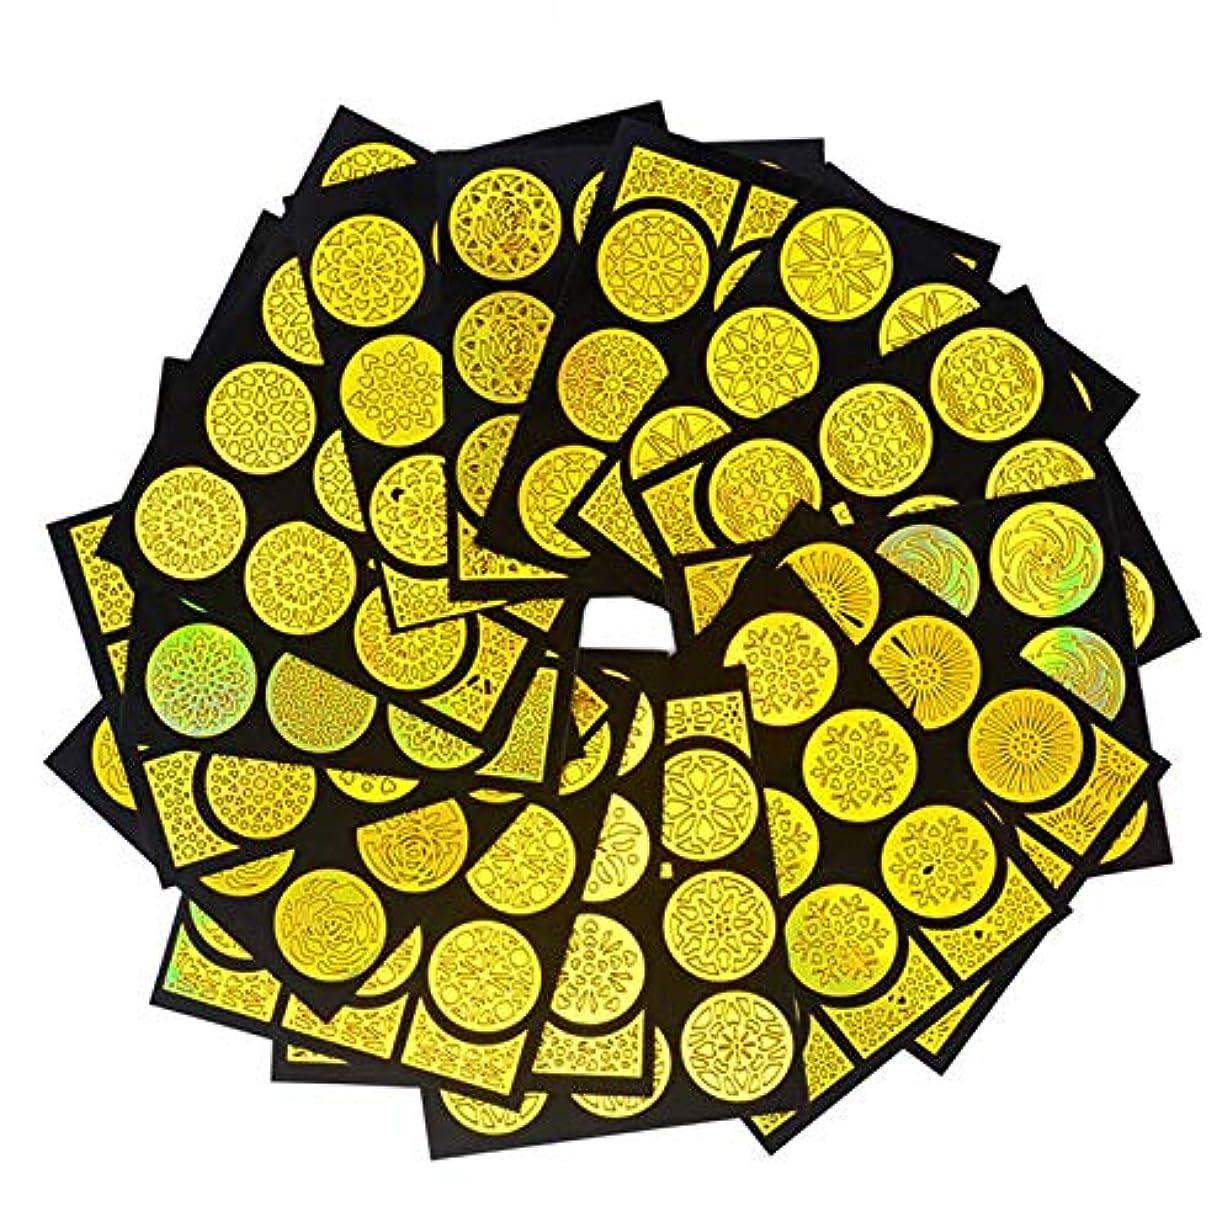 キャラクター強風チェリーSUKTI&XIAO ネイルステッカー 20枚不規則なグリッドネイルアート中空レーザーゴールデンテンプレートステンシルステッカービニール画像ガイドマニキュア、20スタイル各1個